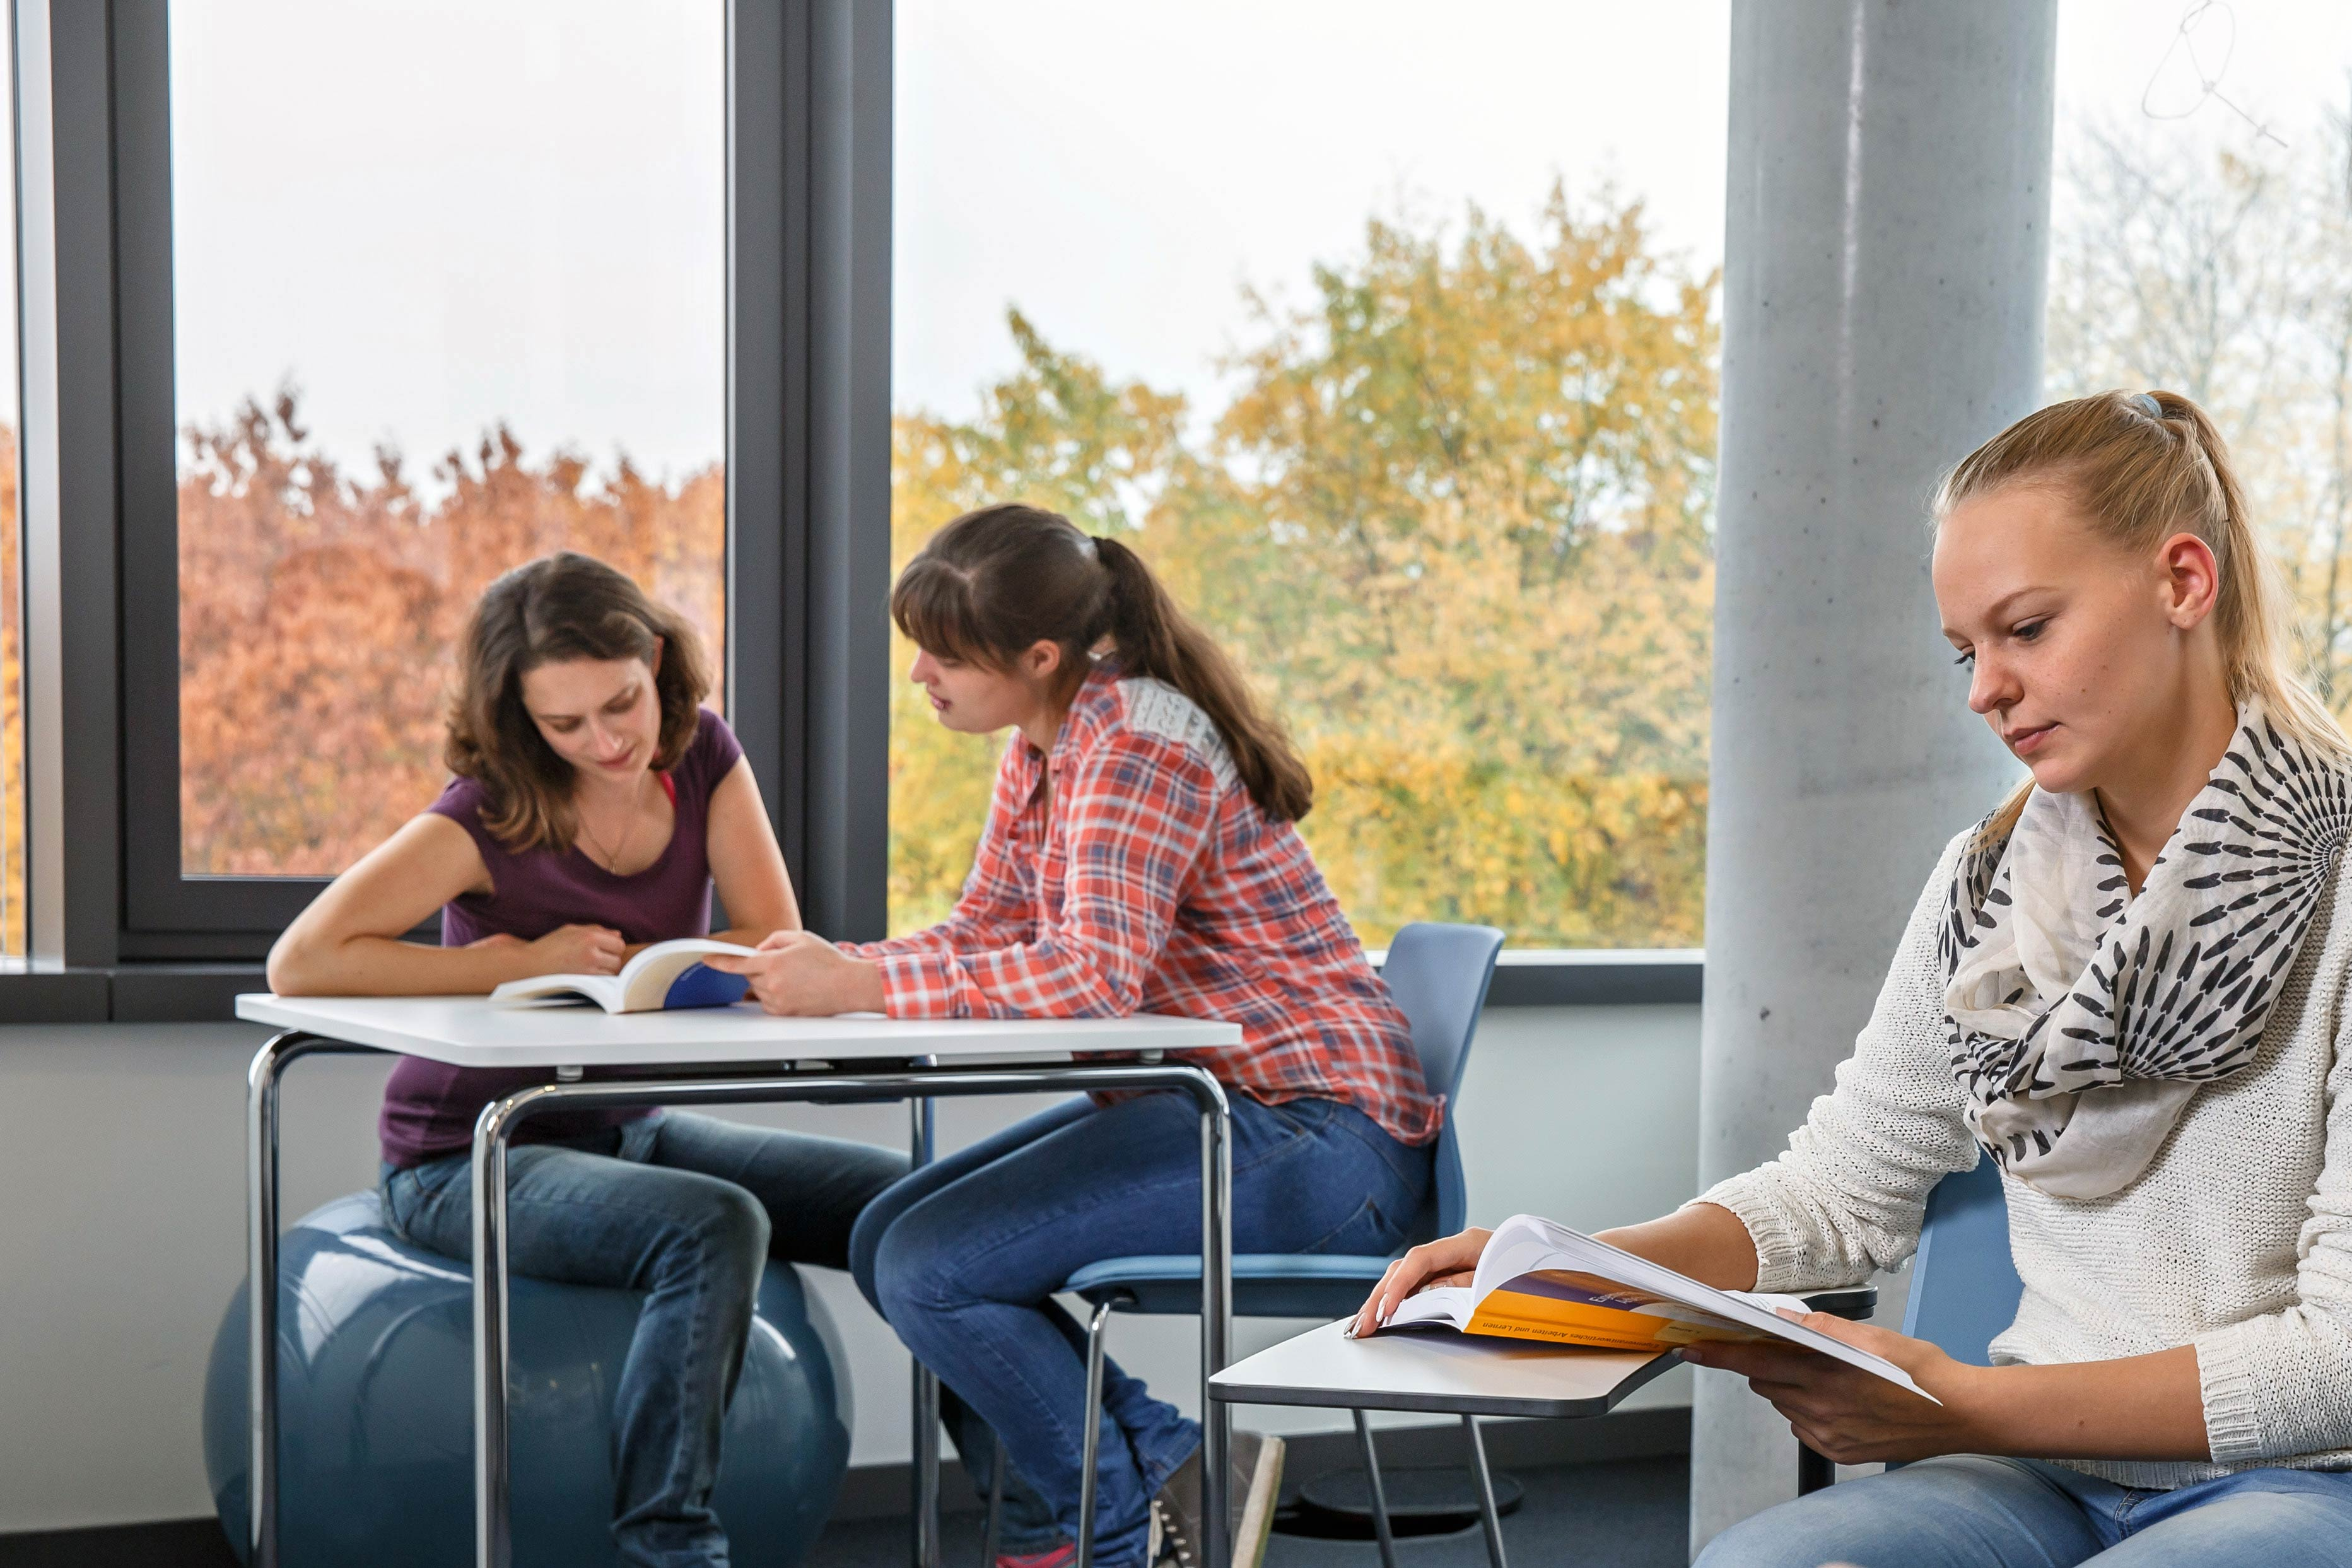 Studierende der hsg Bochum lernen gemeinsam.